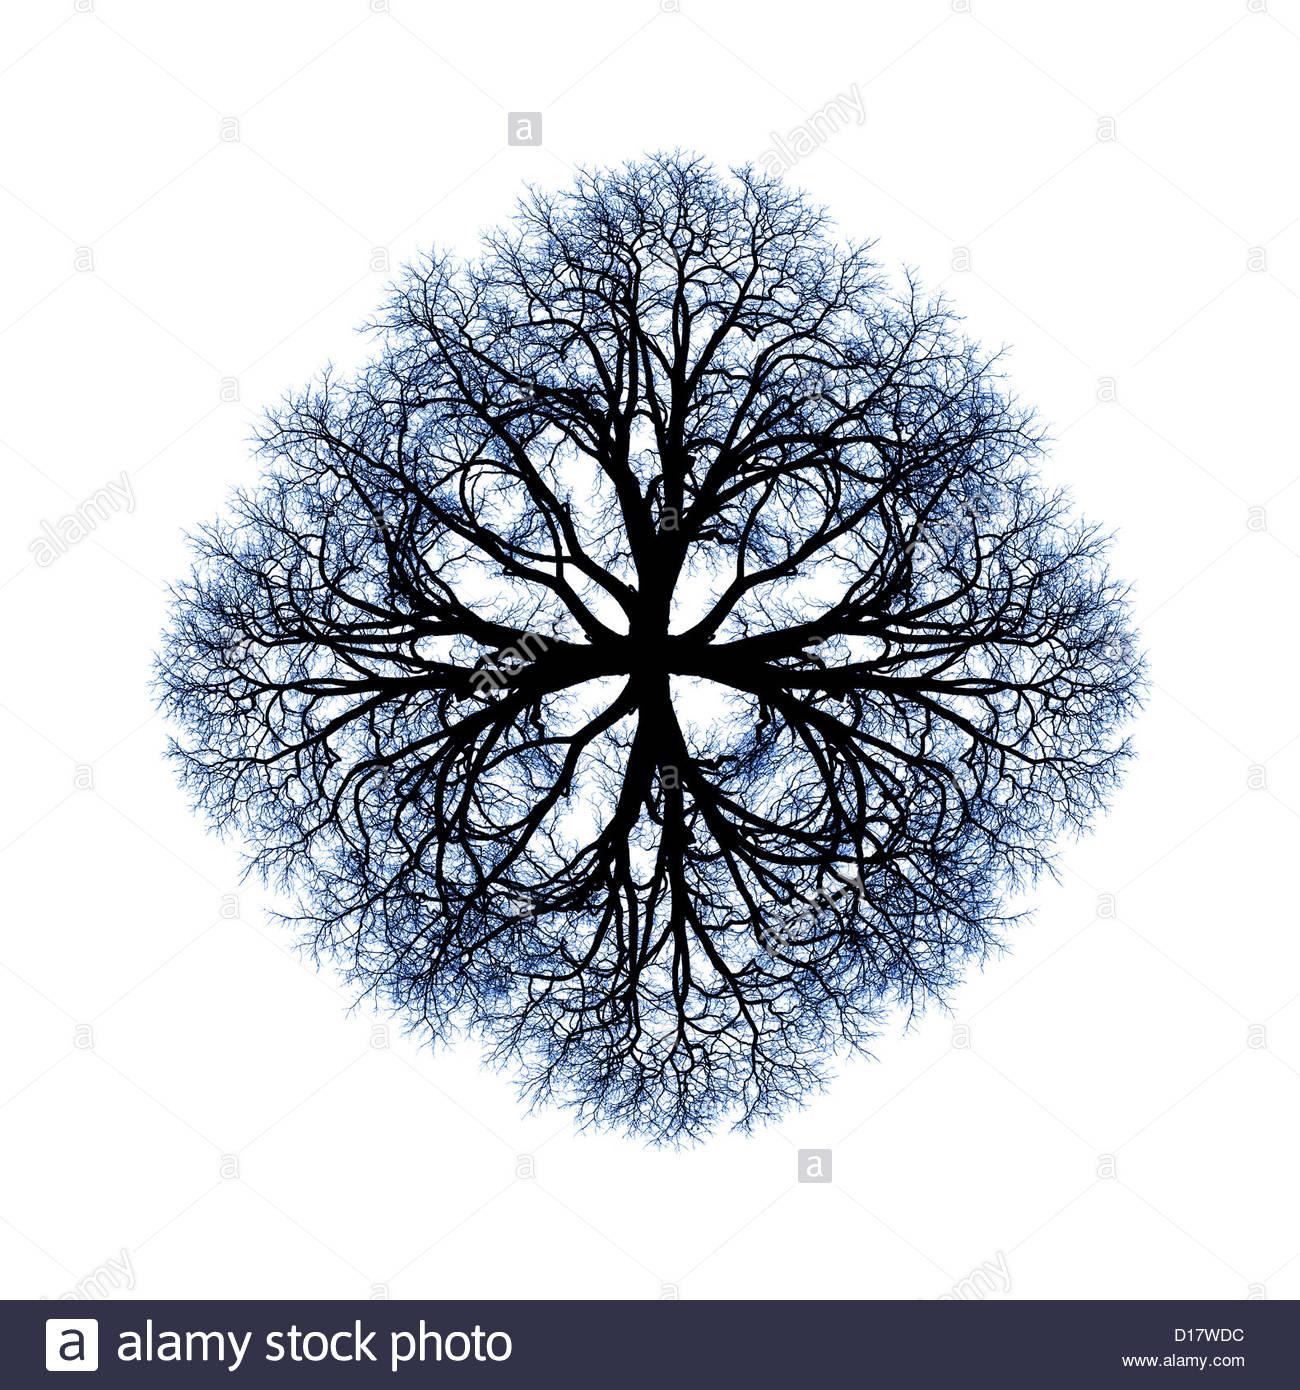 Ein Baum Mandala nützlich für die Meditation über die Natur der Dinge. Stockbild